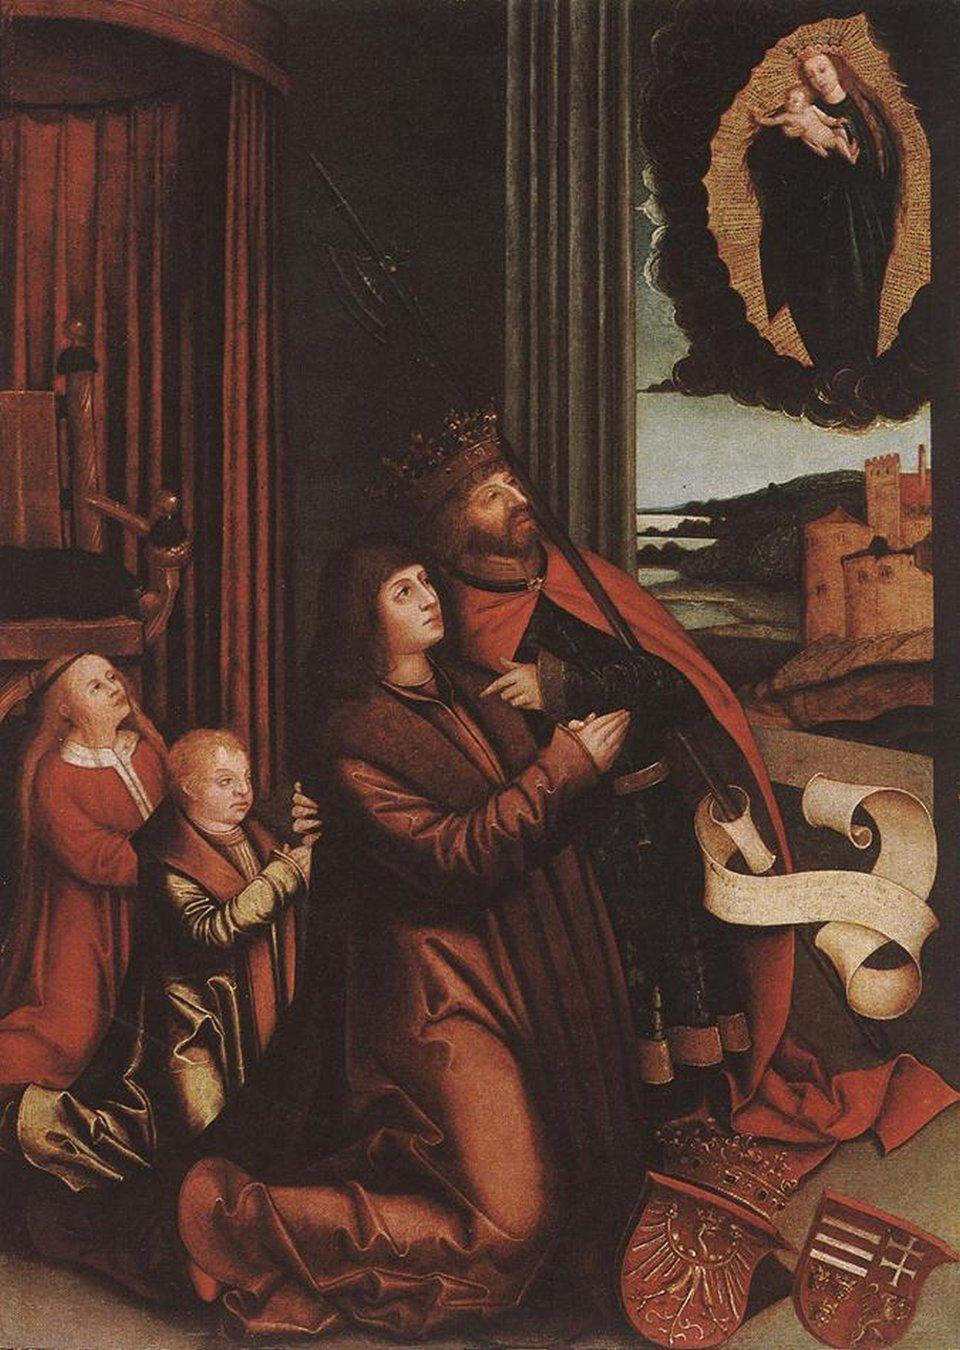 Obraz przedstawia świętego Władysława, który modli się ipoprzez wymowny gest poleca Władysława II Jagiellończyka oraz jego potomstwo opiece Matce Boskiej, która wraz zDzieciątkiem objawia się na niebiosach jako Królowa Niebios. Otoczona jest złocistą, promienistą aureolą wyłaniającą się zciężkich, mrocznych chmur przysłaniających lazurowy firmament nieba. Poniżej rozległy pejzaż zwarownym zamkiem wznoszącym się na wzgórzu. Dzieciątko Jezus udziela błogosławieństwa patronowi Węgier oraz królewskiej rodzinie. Prócz wspomnianego Władysława II modli się dwójka dzieci Anna Jagiellonka oraz Ludwik II Jagiellończyk. Ustóp króla Władysława ukazane godła Królestwa Polskiego oraz Królestwa Węgier, Królestwa Czech iksięstwa Dalmacji.